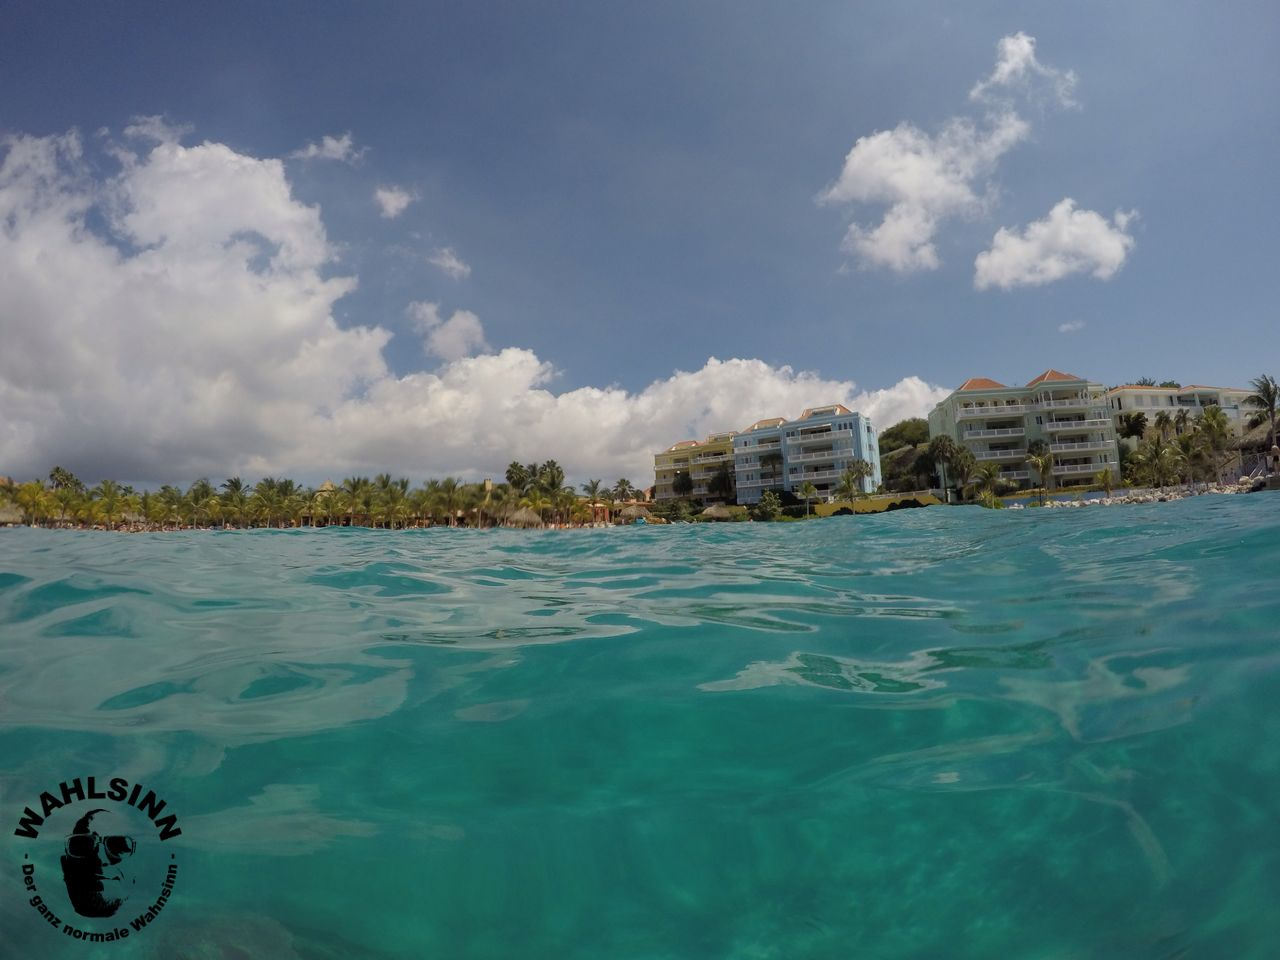 Curacao - kurz vor dem abtauchen in eine wunderschöne Korallenreiche Unterwasserwelt auf Curacao